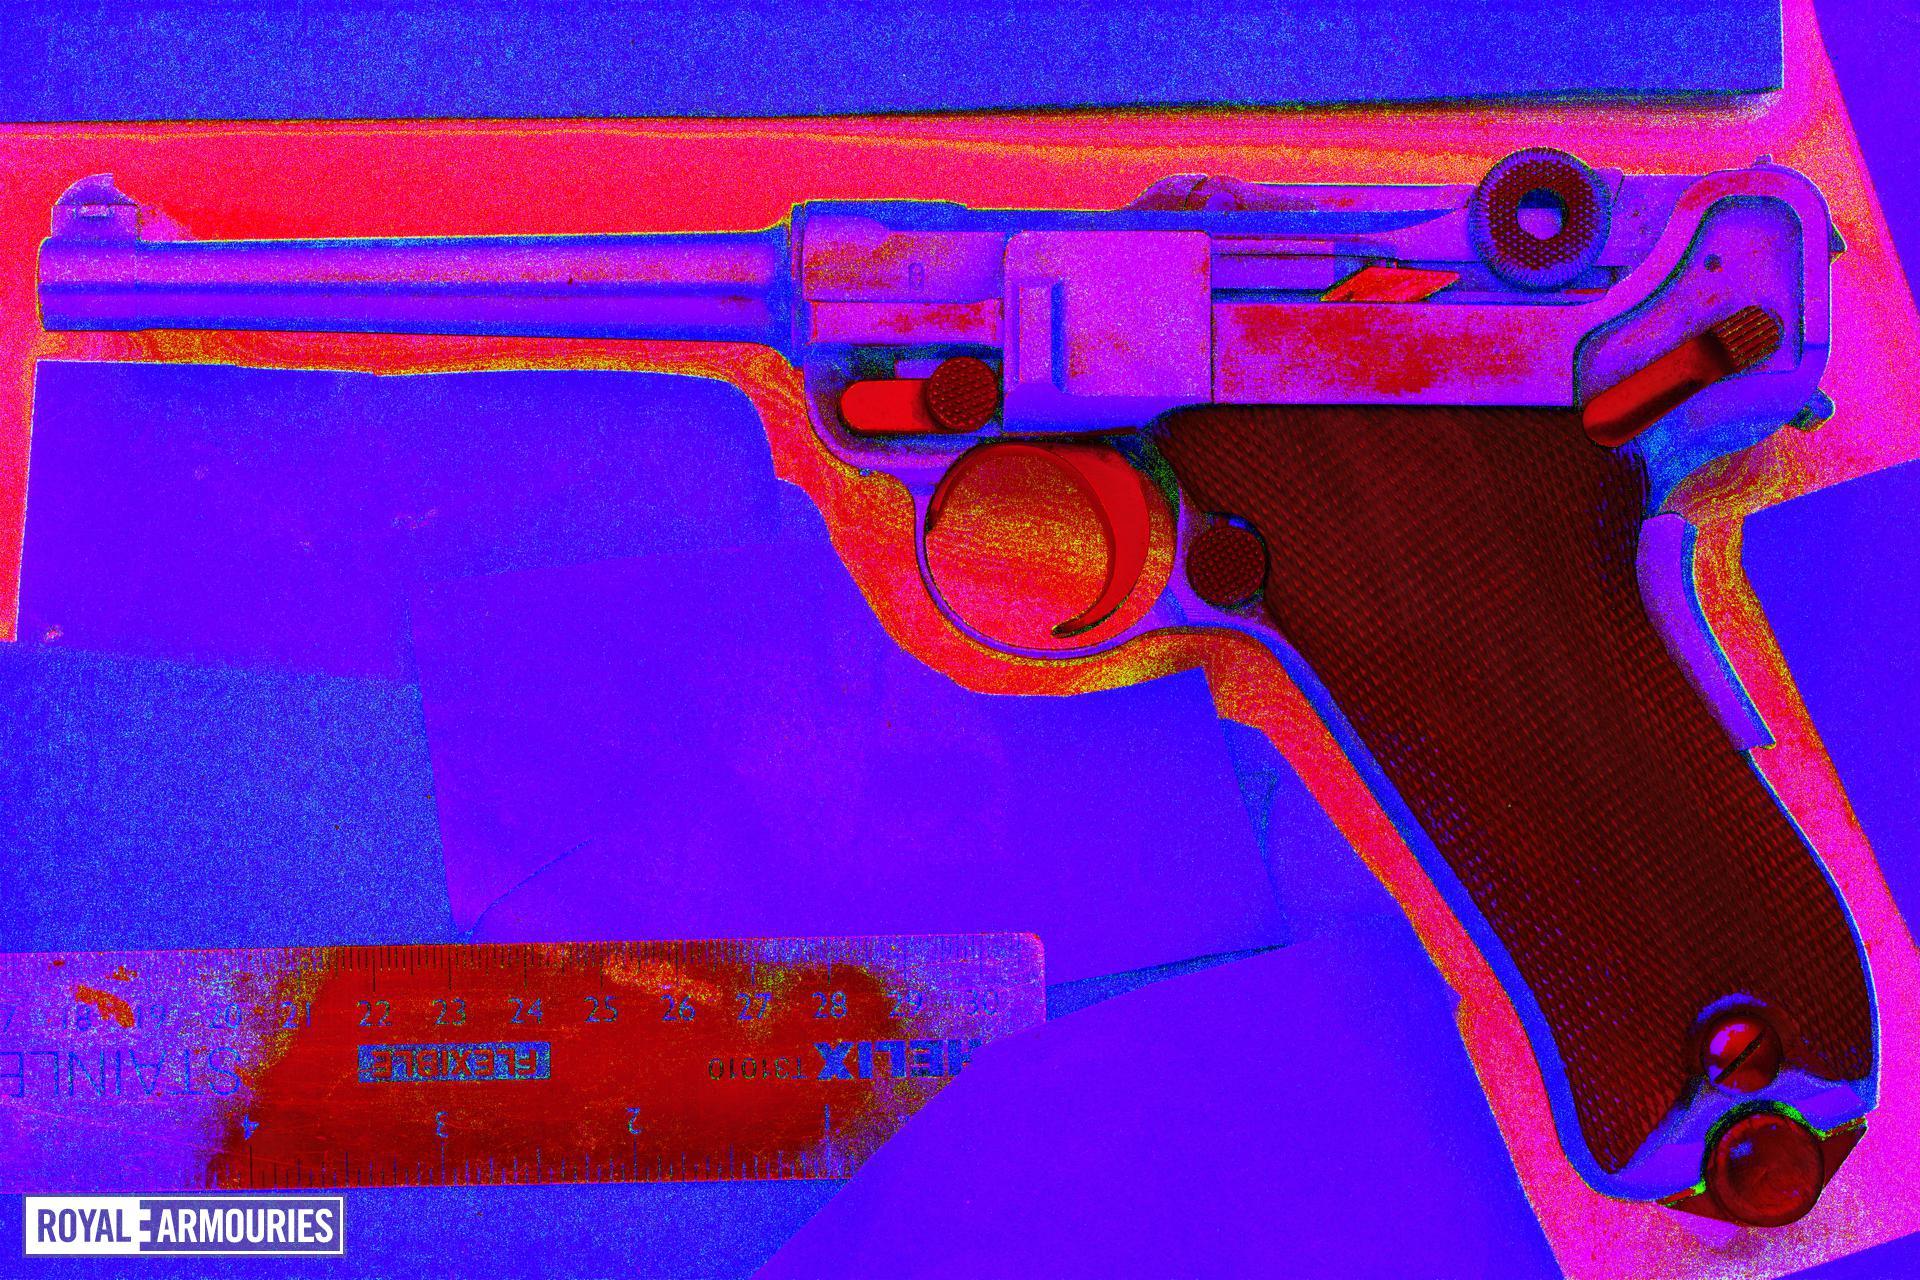 Centrefire self-loading pistol - Luger Military Model 1906